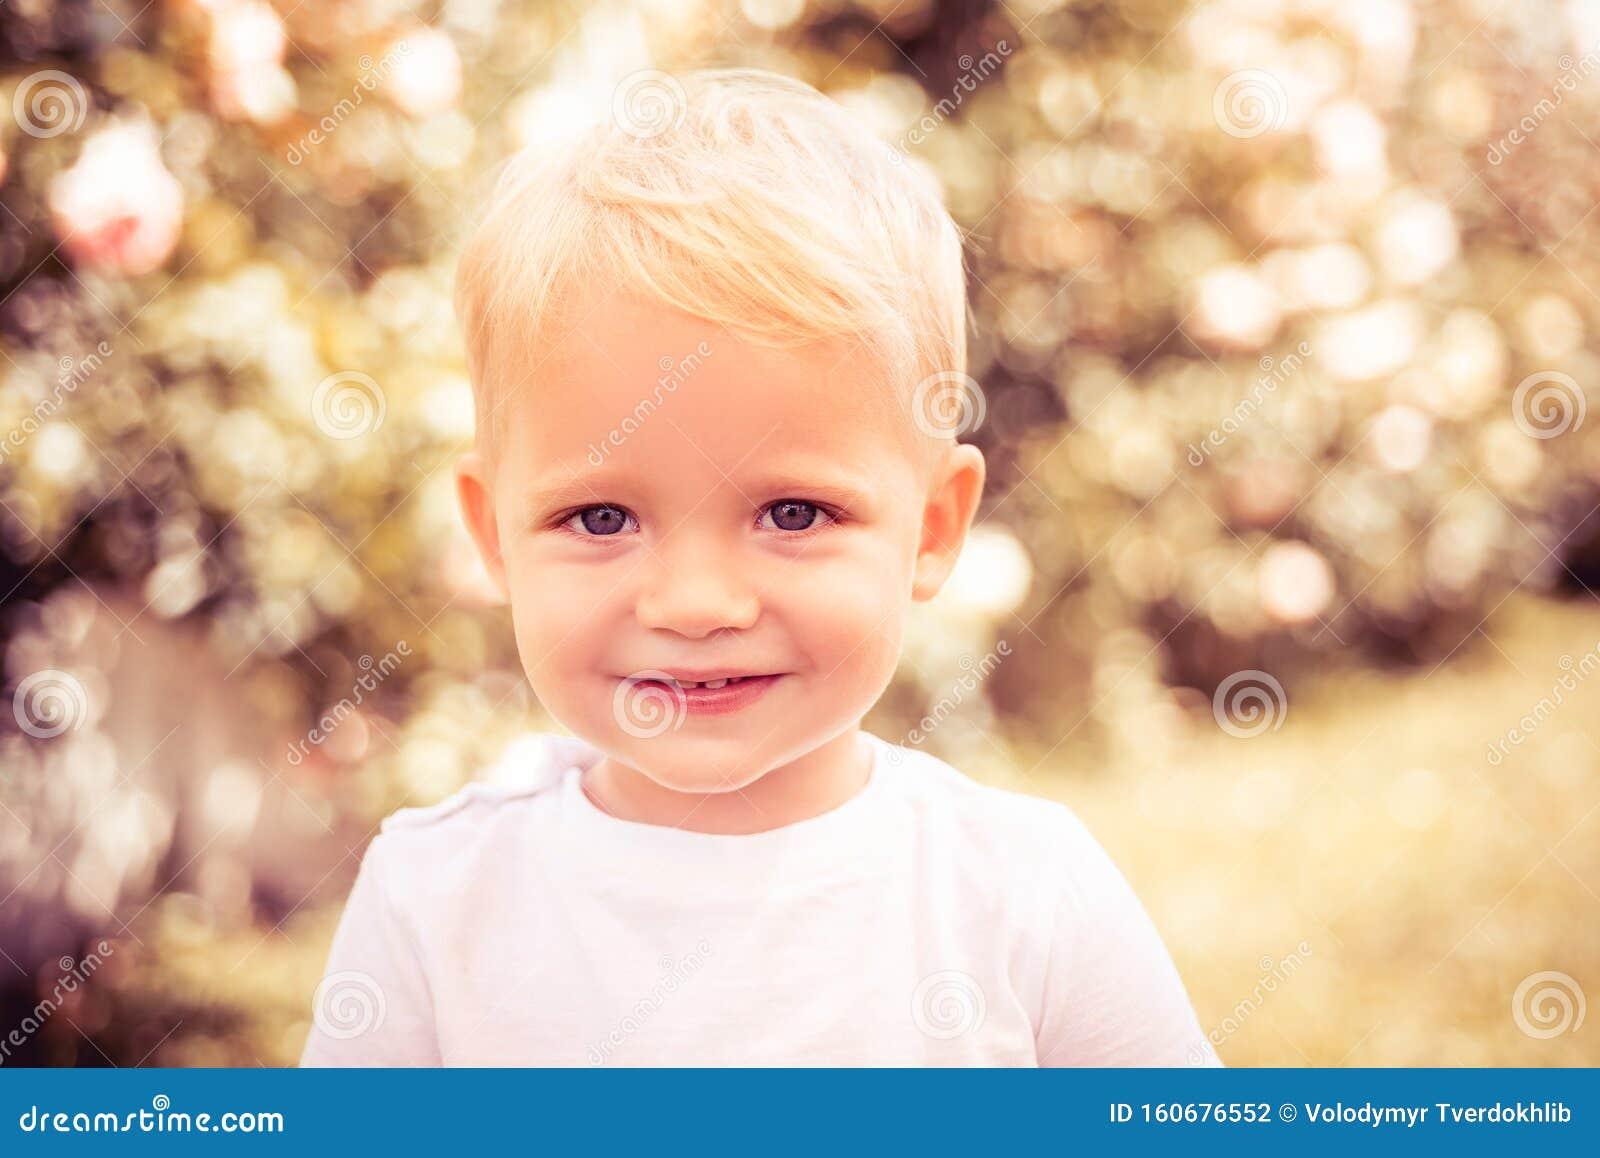 Portrait Insouciant D Enfant Photos Stock - Téléchargez ...